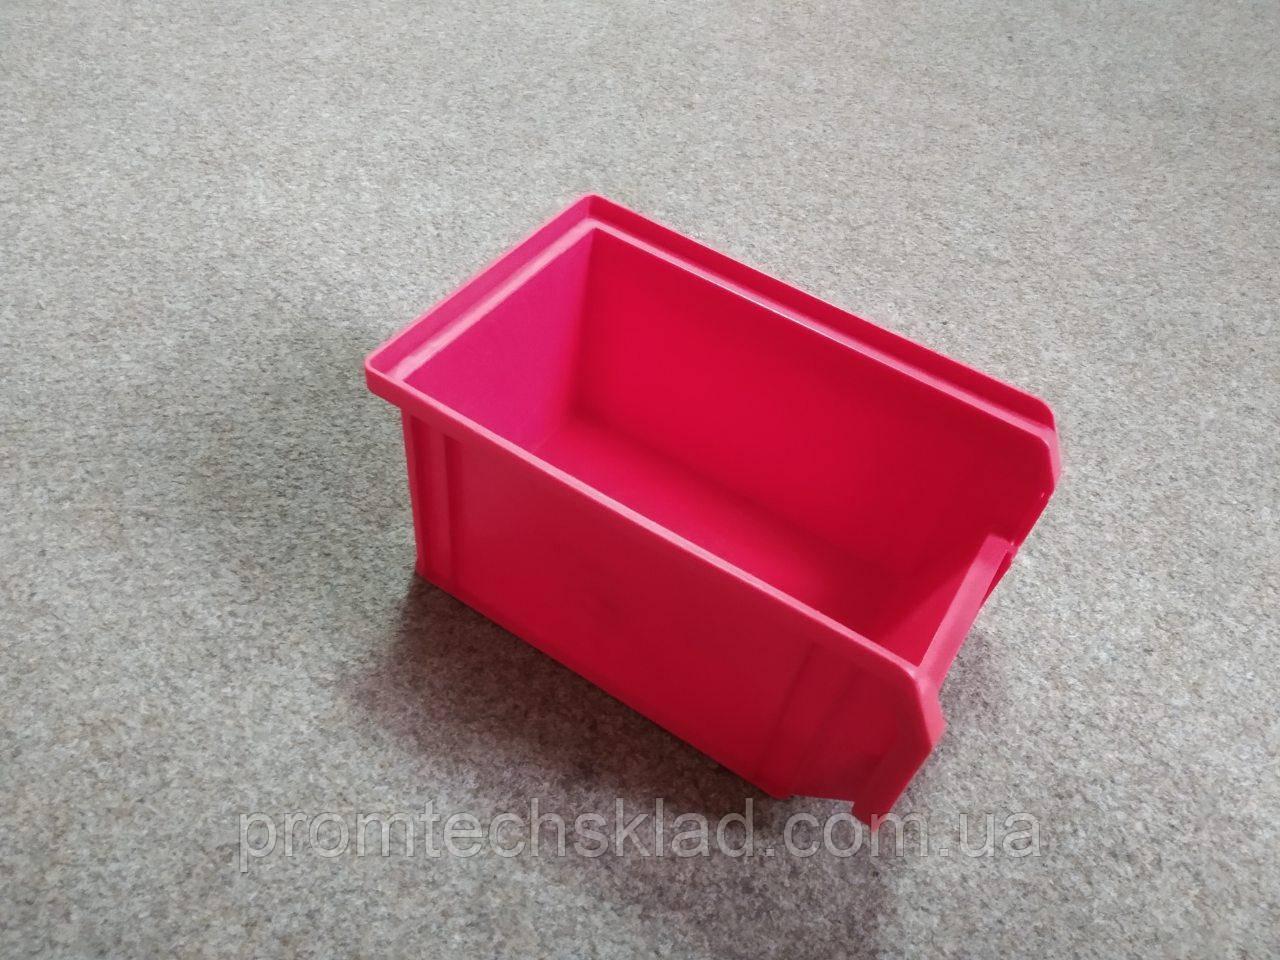 Ящик складской 701 для хранения метизов красный